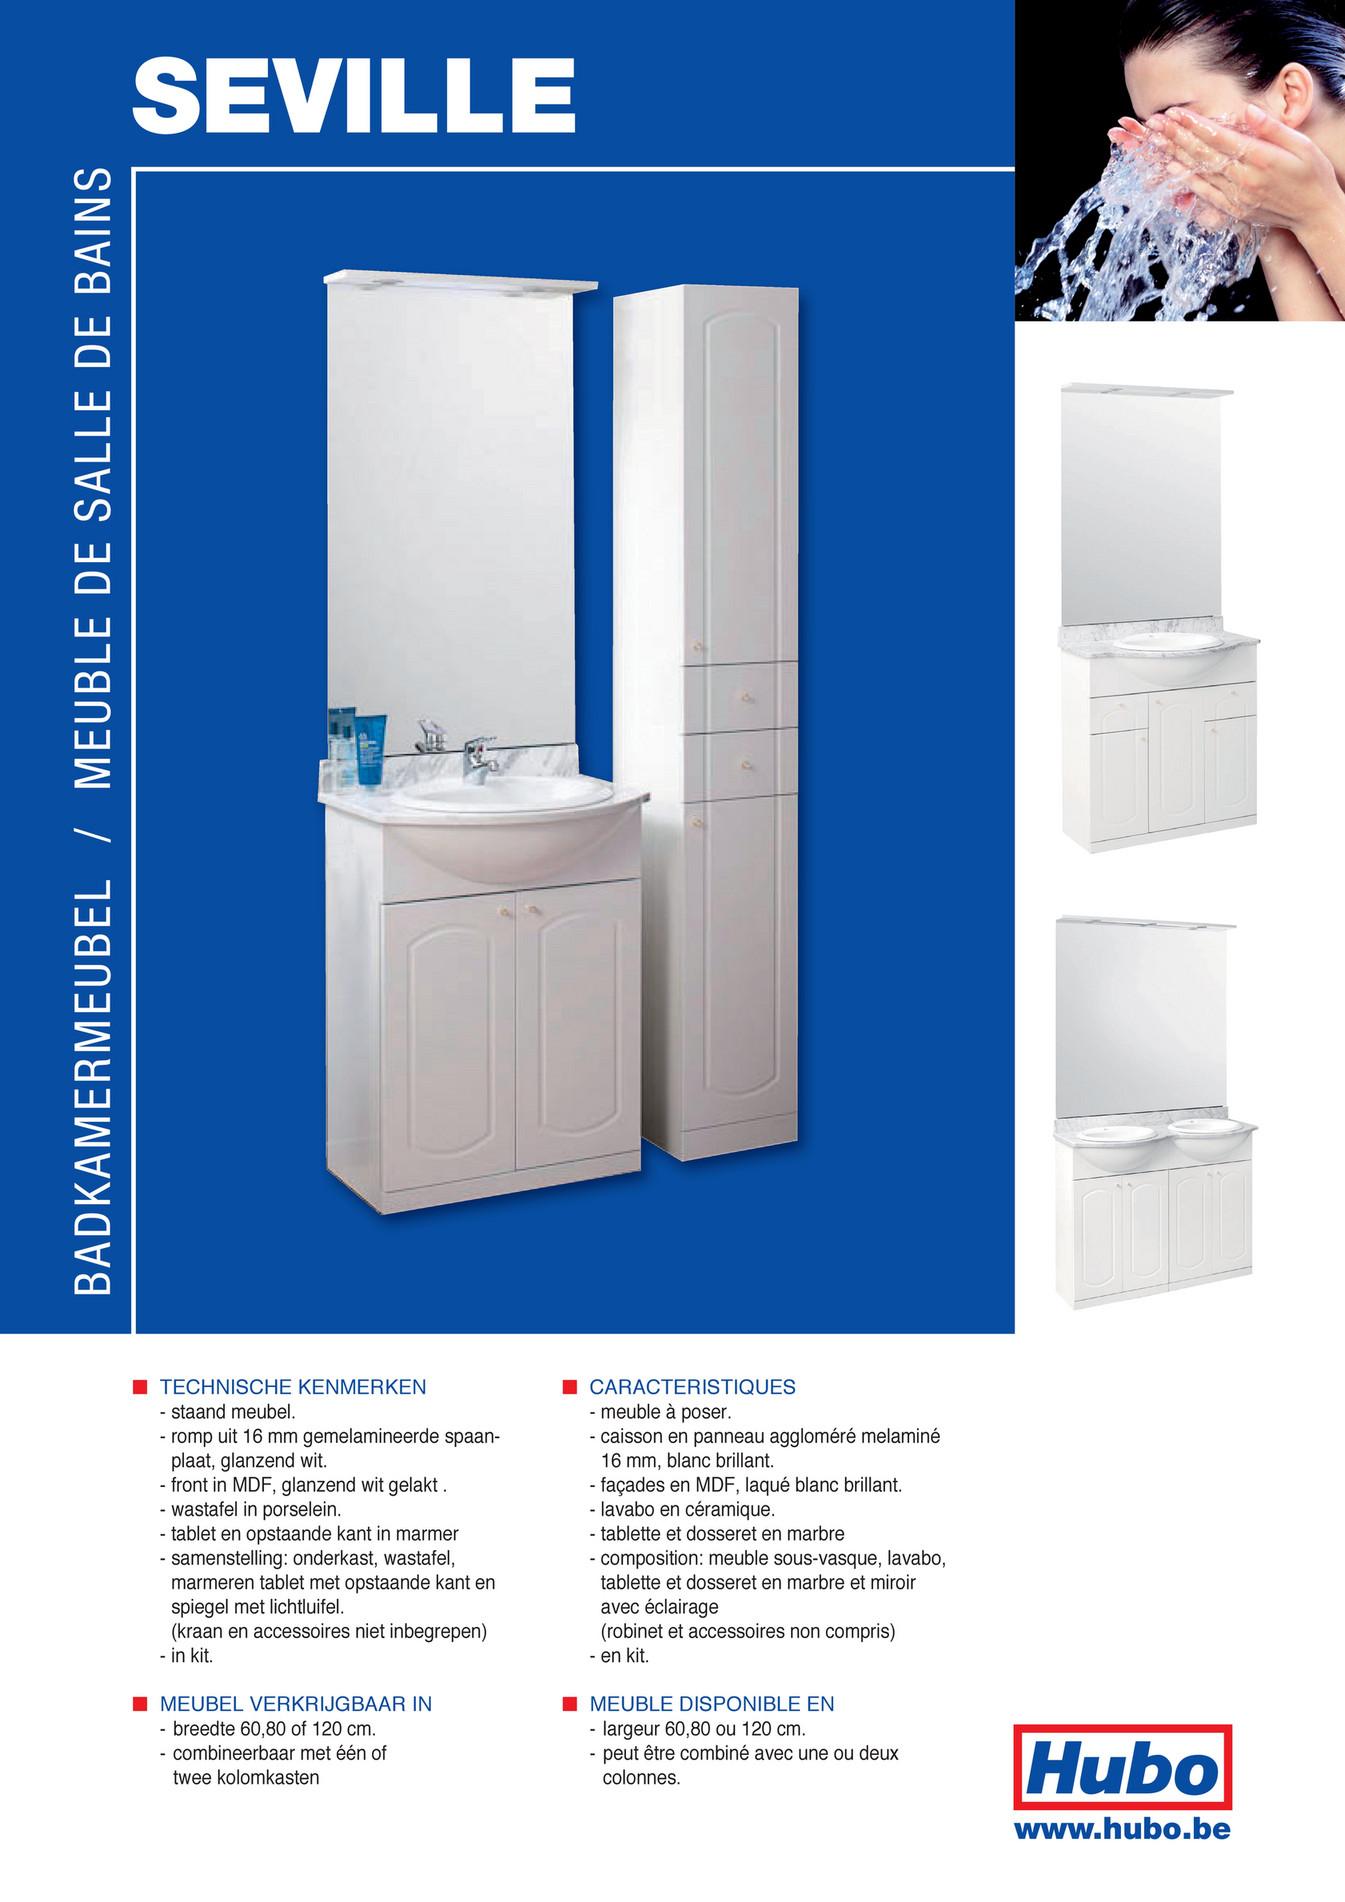 Tablette Salle De Bain 80 Cm hubo catalogue - meuble de salle de bains seville - page 2